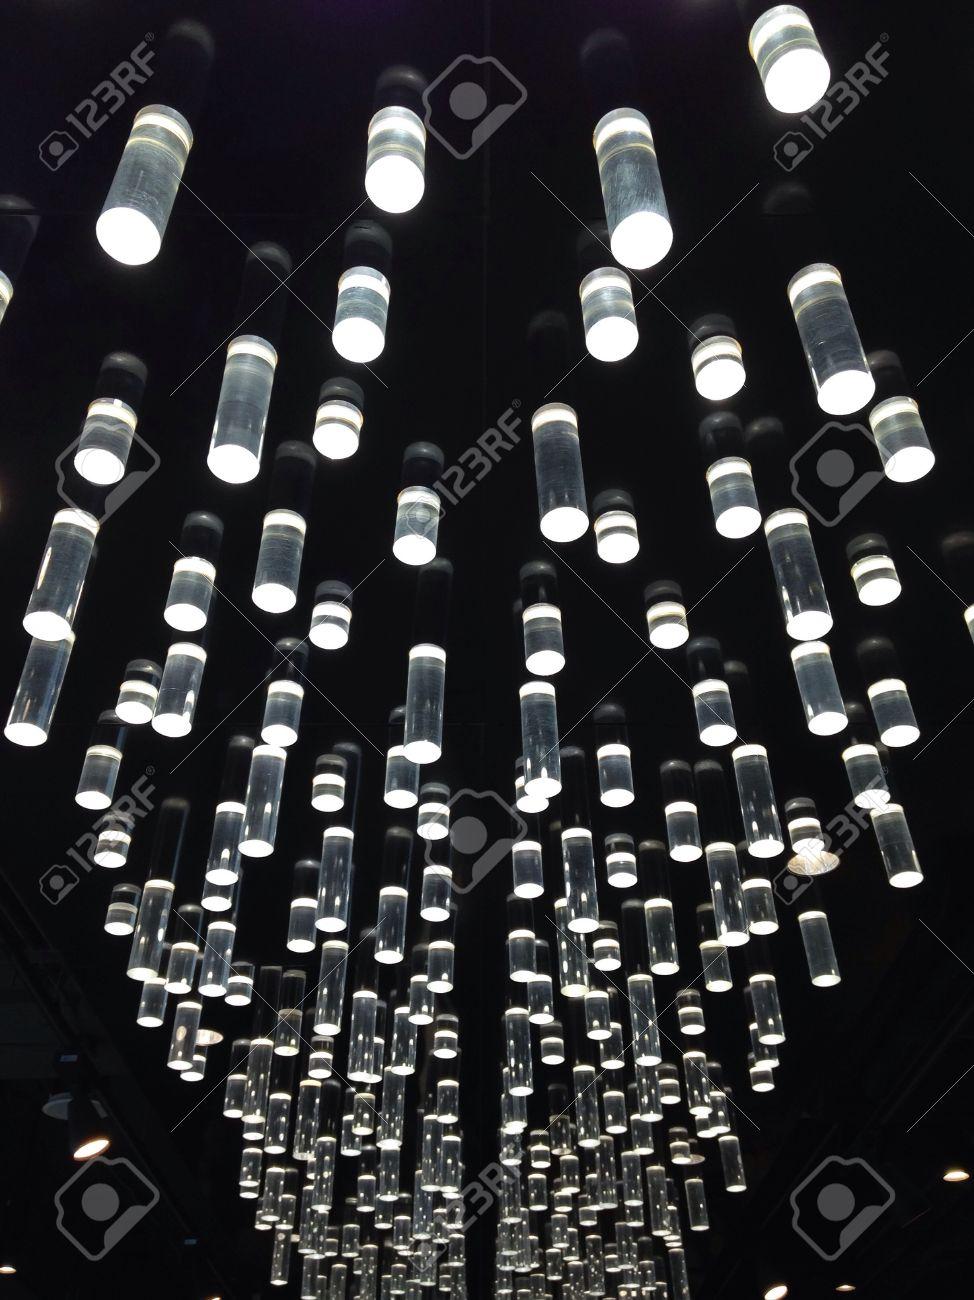 43922629-Acrylic-tube-lighting-ceiling-design-Stock-Photo.jpg